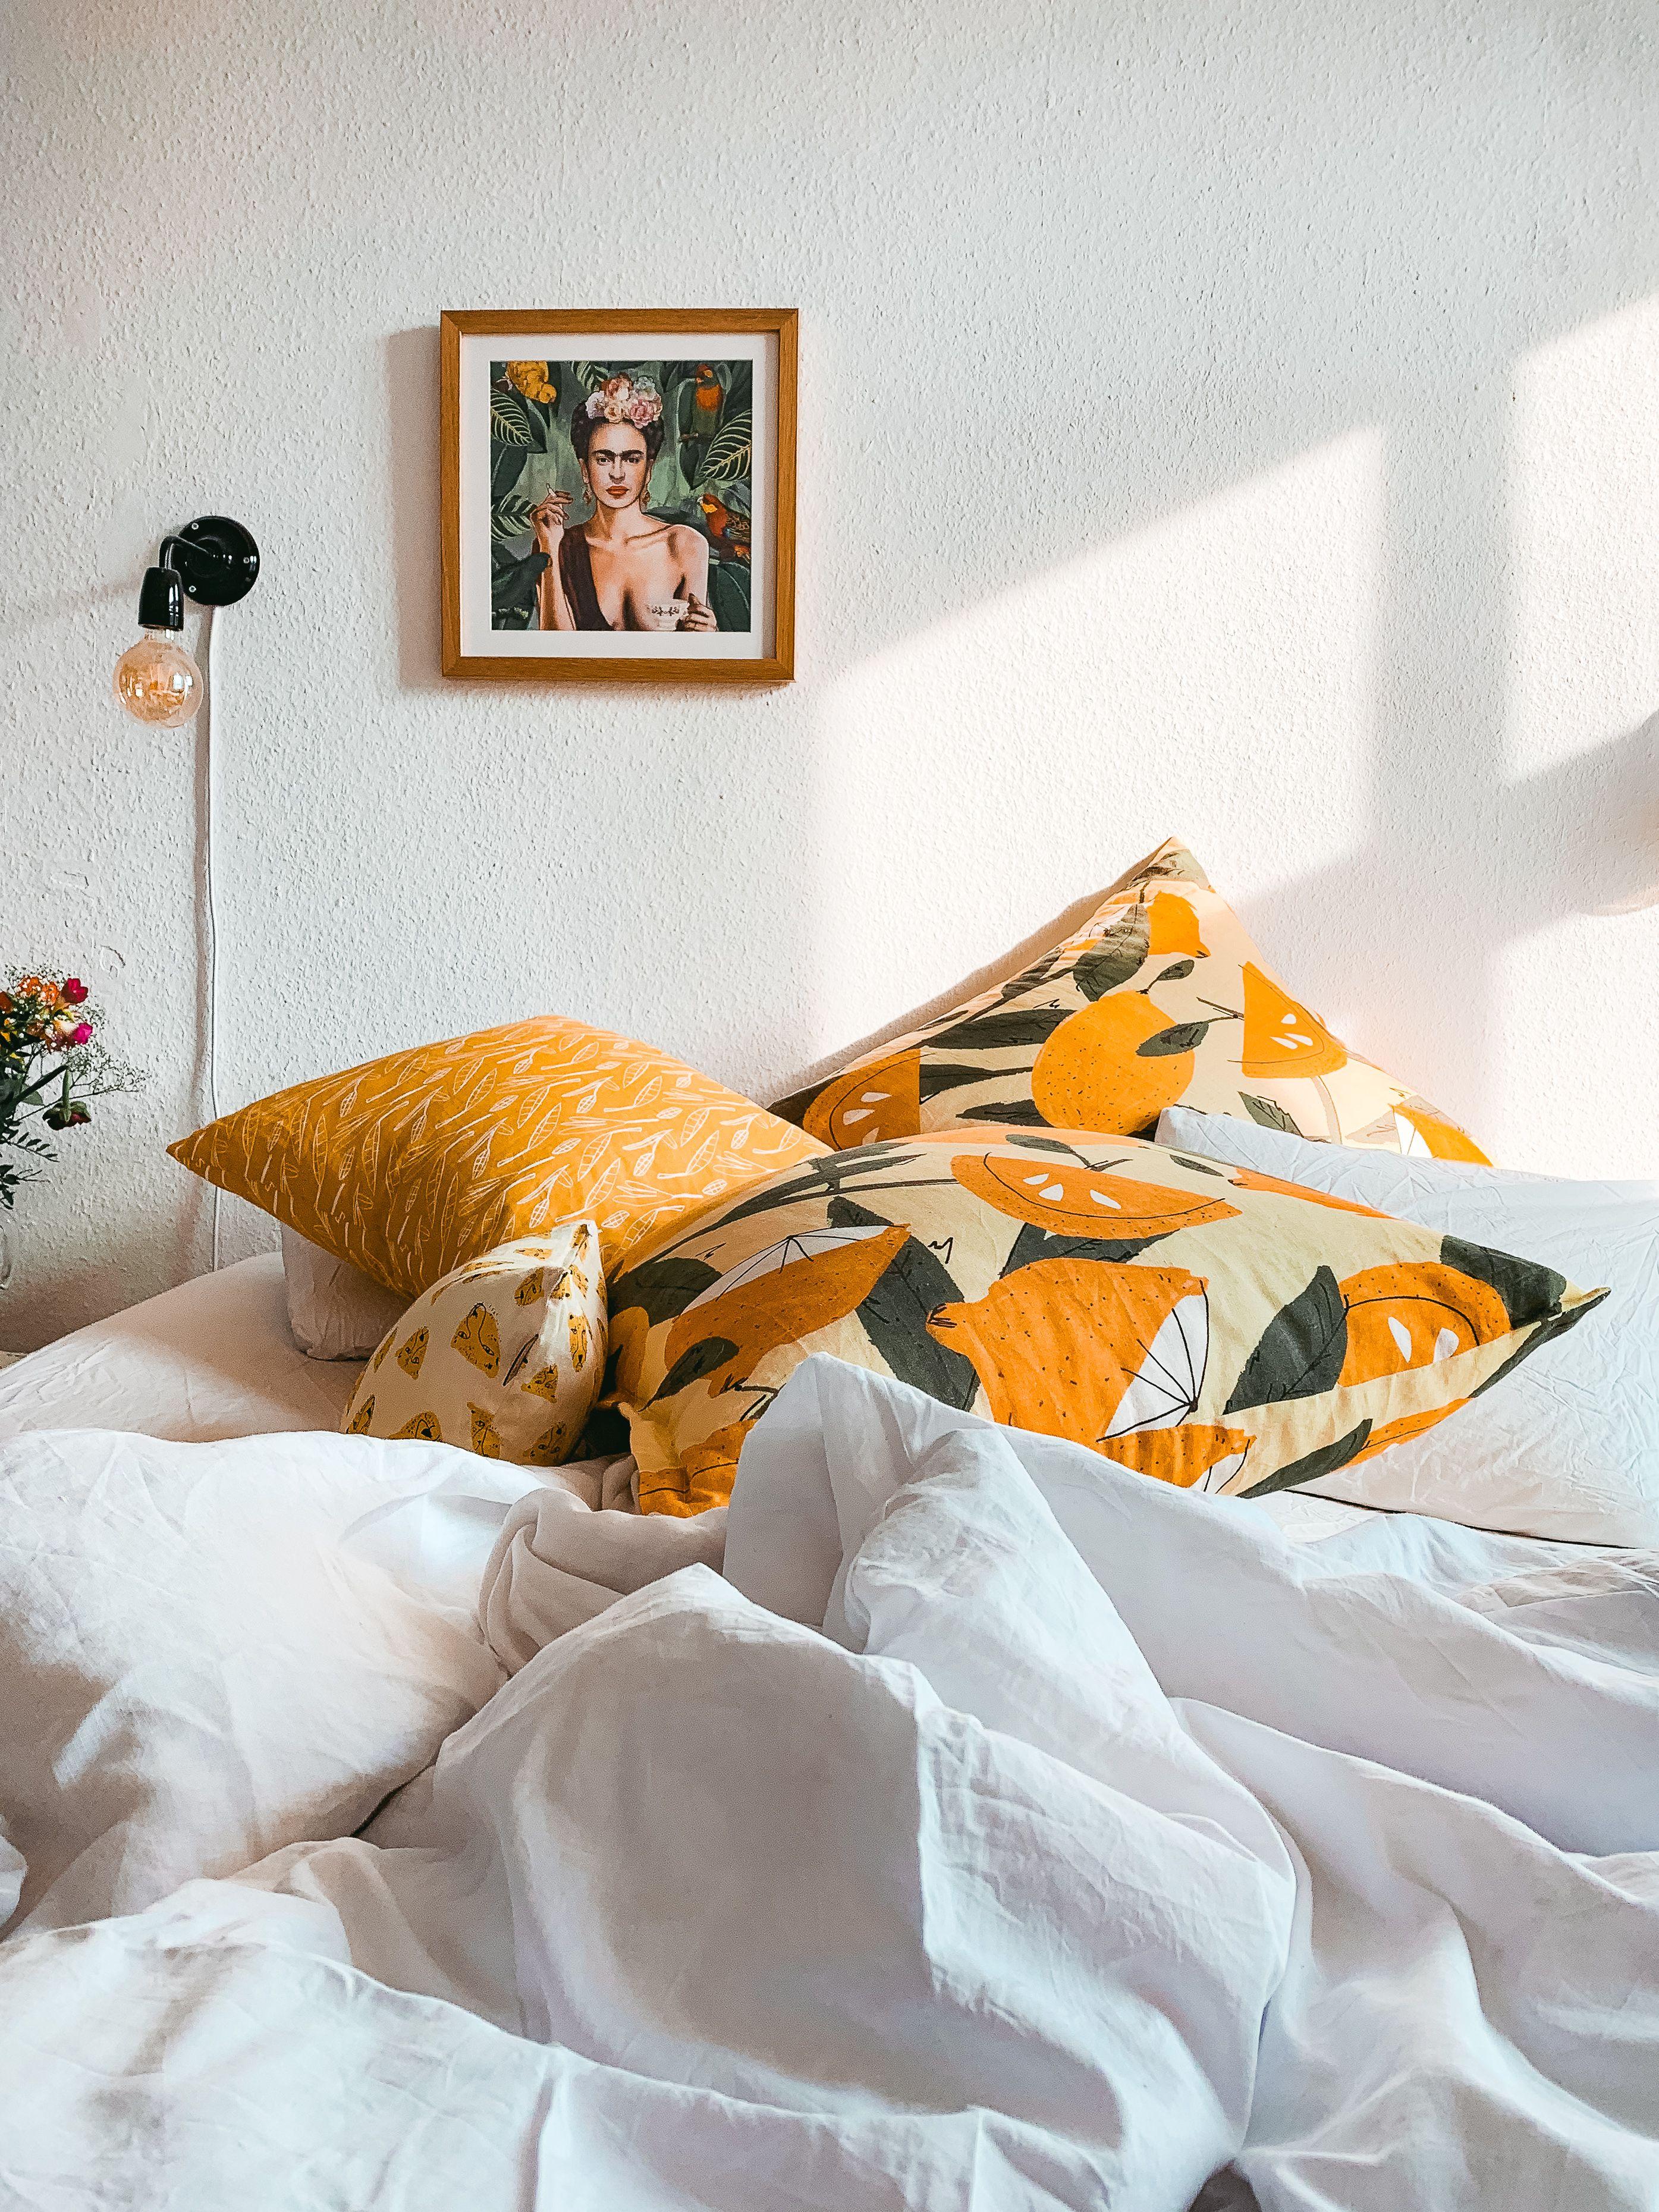 Skandinavische Schlafzimmer Ideen Wohnung Einrichten Wohnung